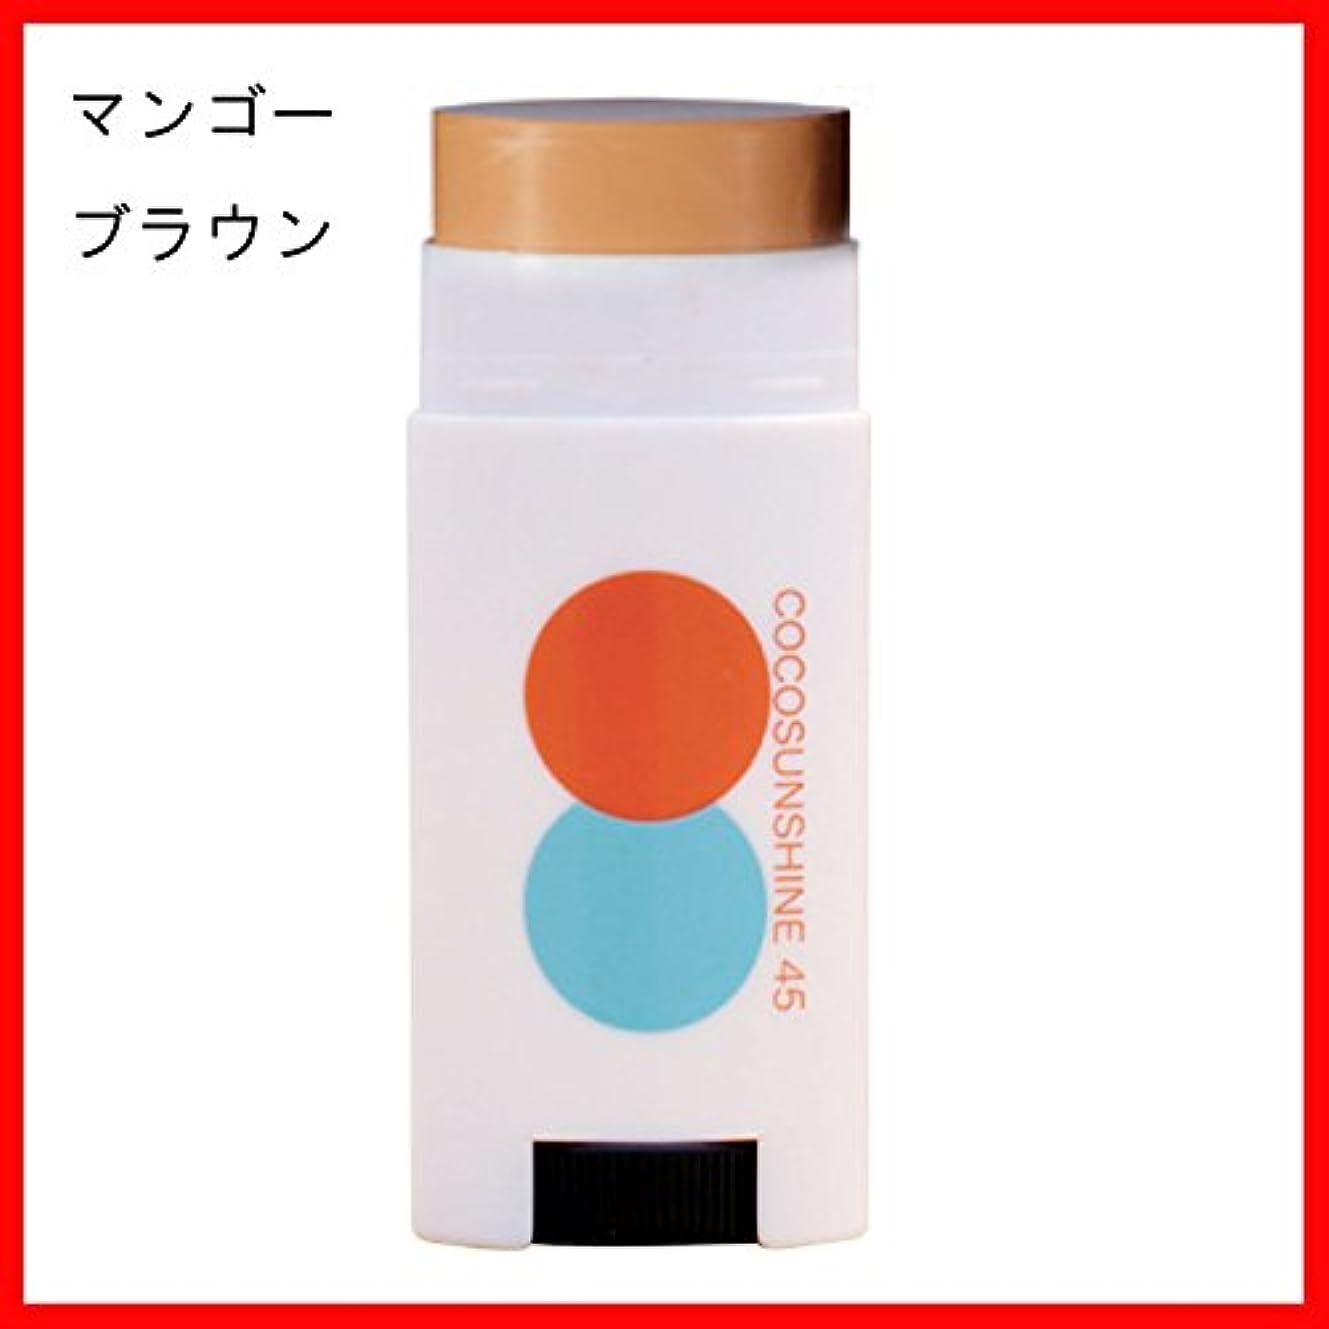 表面レギュラーきちんとしたCOCOSUNSHINE(ココサンシャイン) フェイス スティック UV FACE STICK